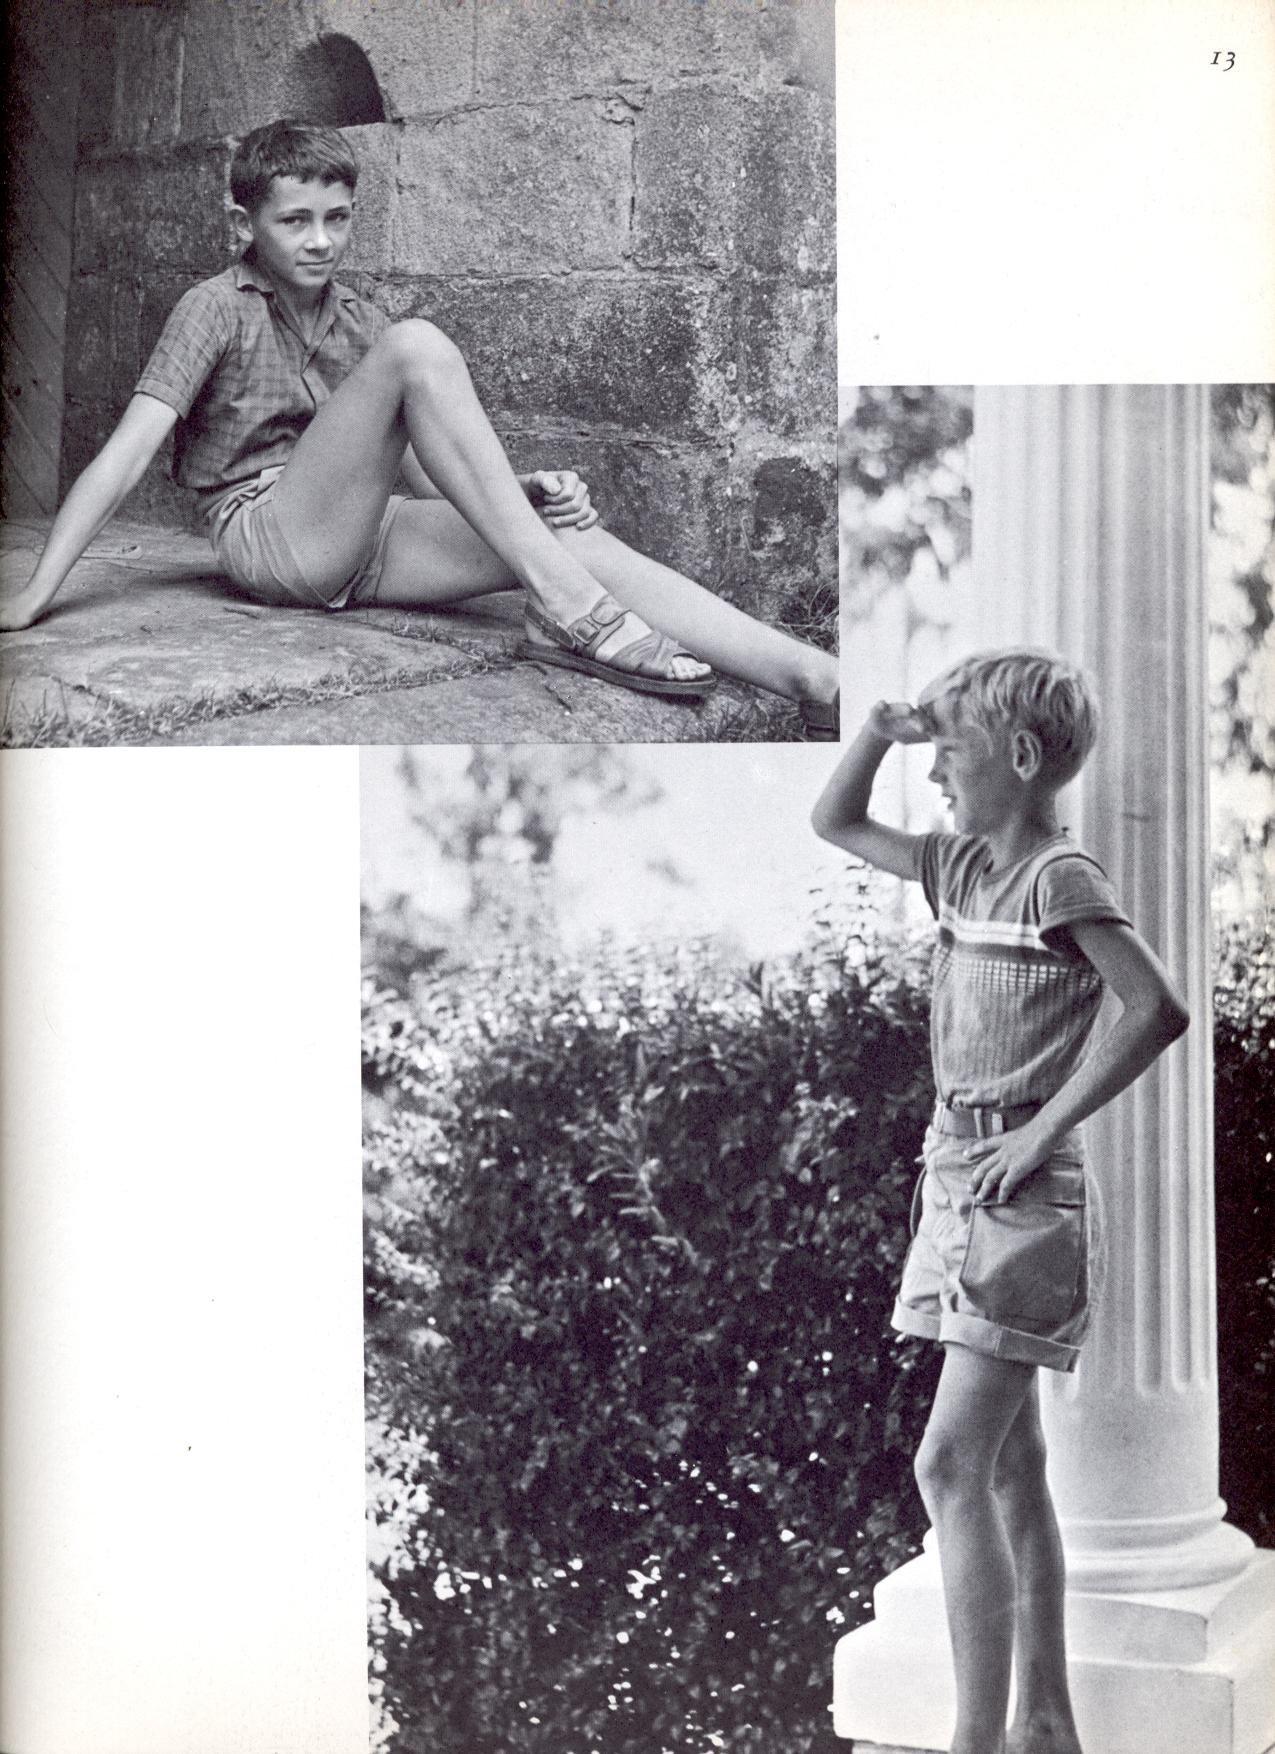 Fkk Boys Naturisrajce Nude Penisdeti Idnes Rajceboy Naked-8619